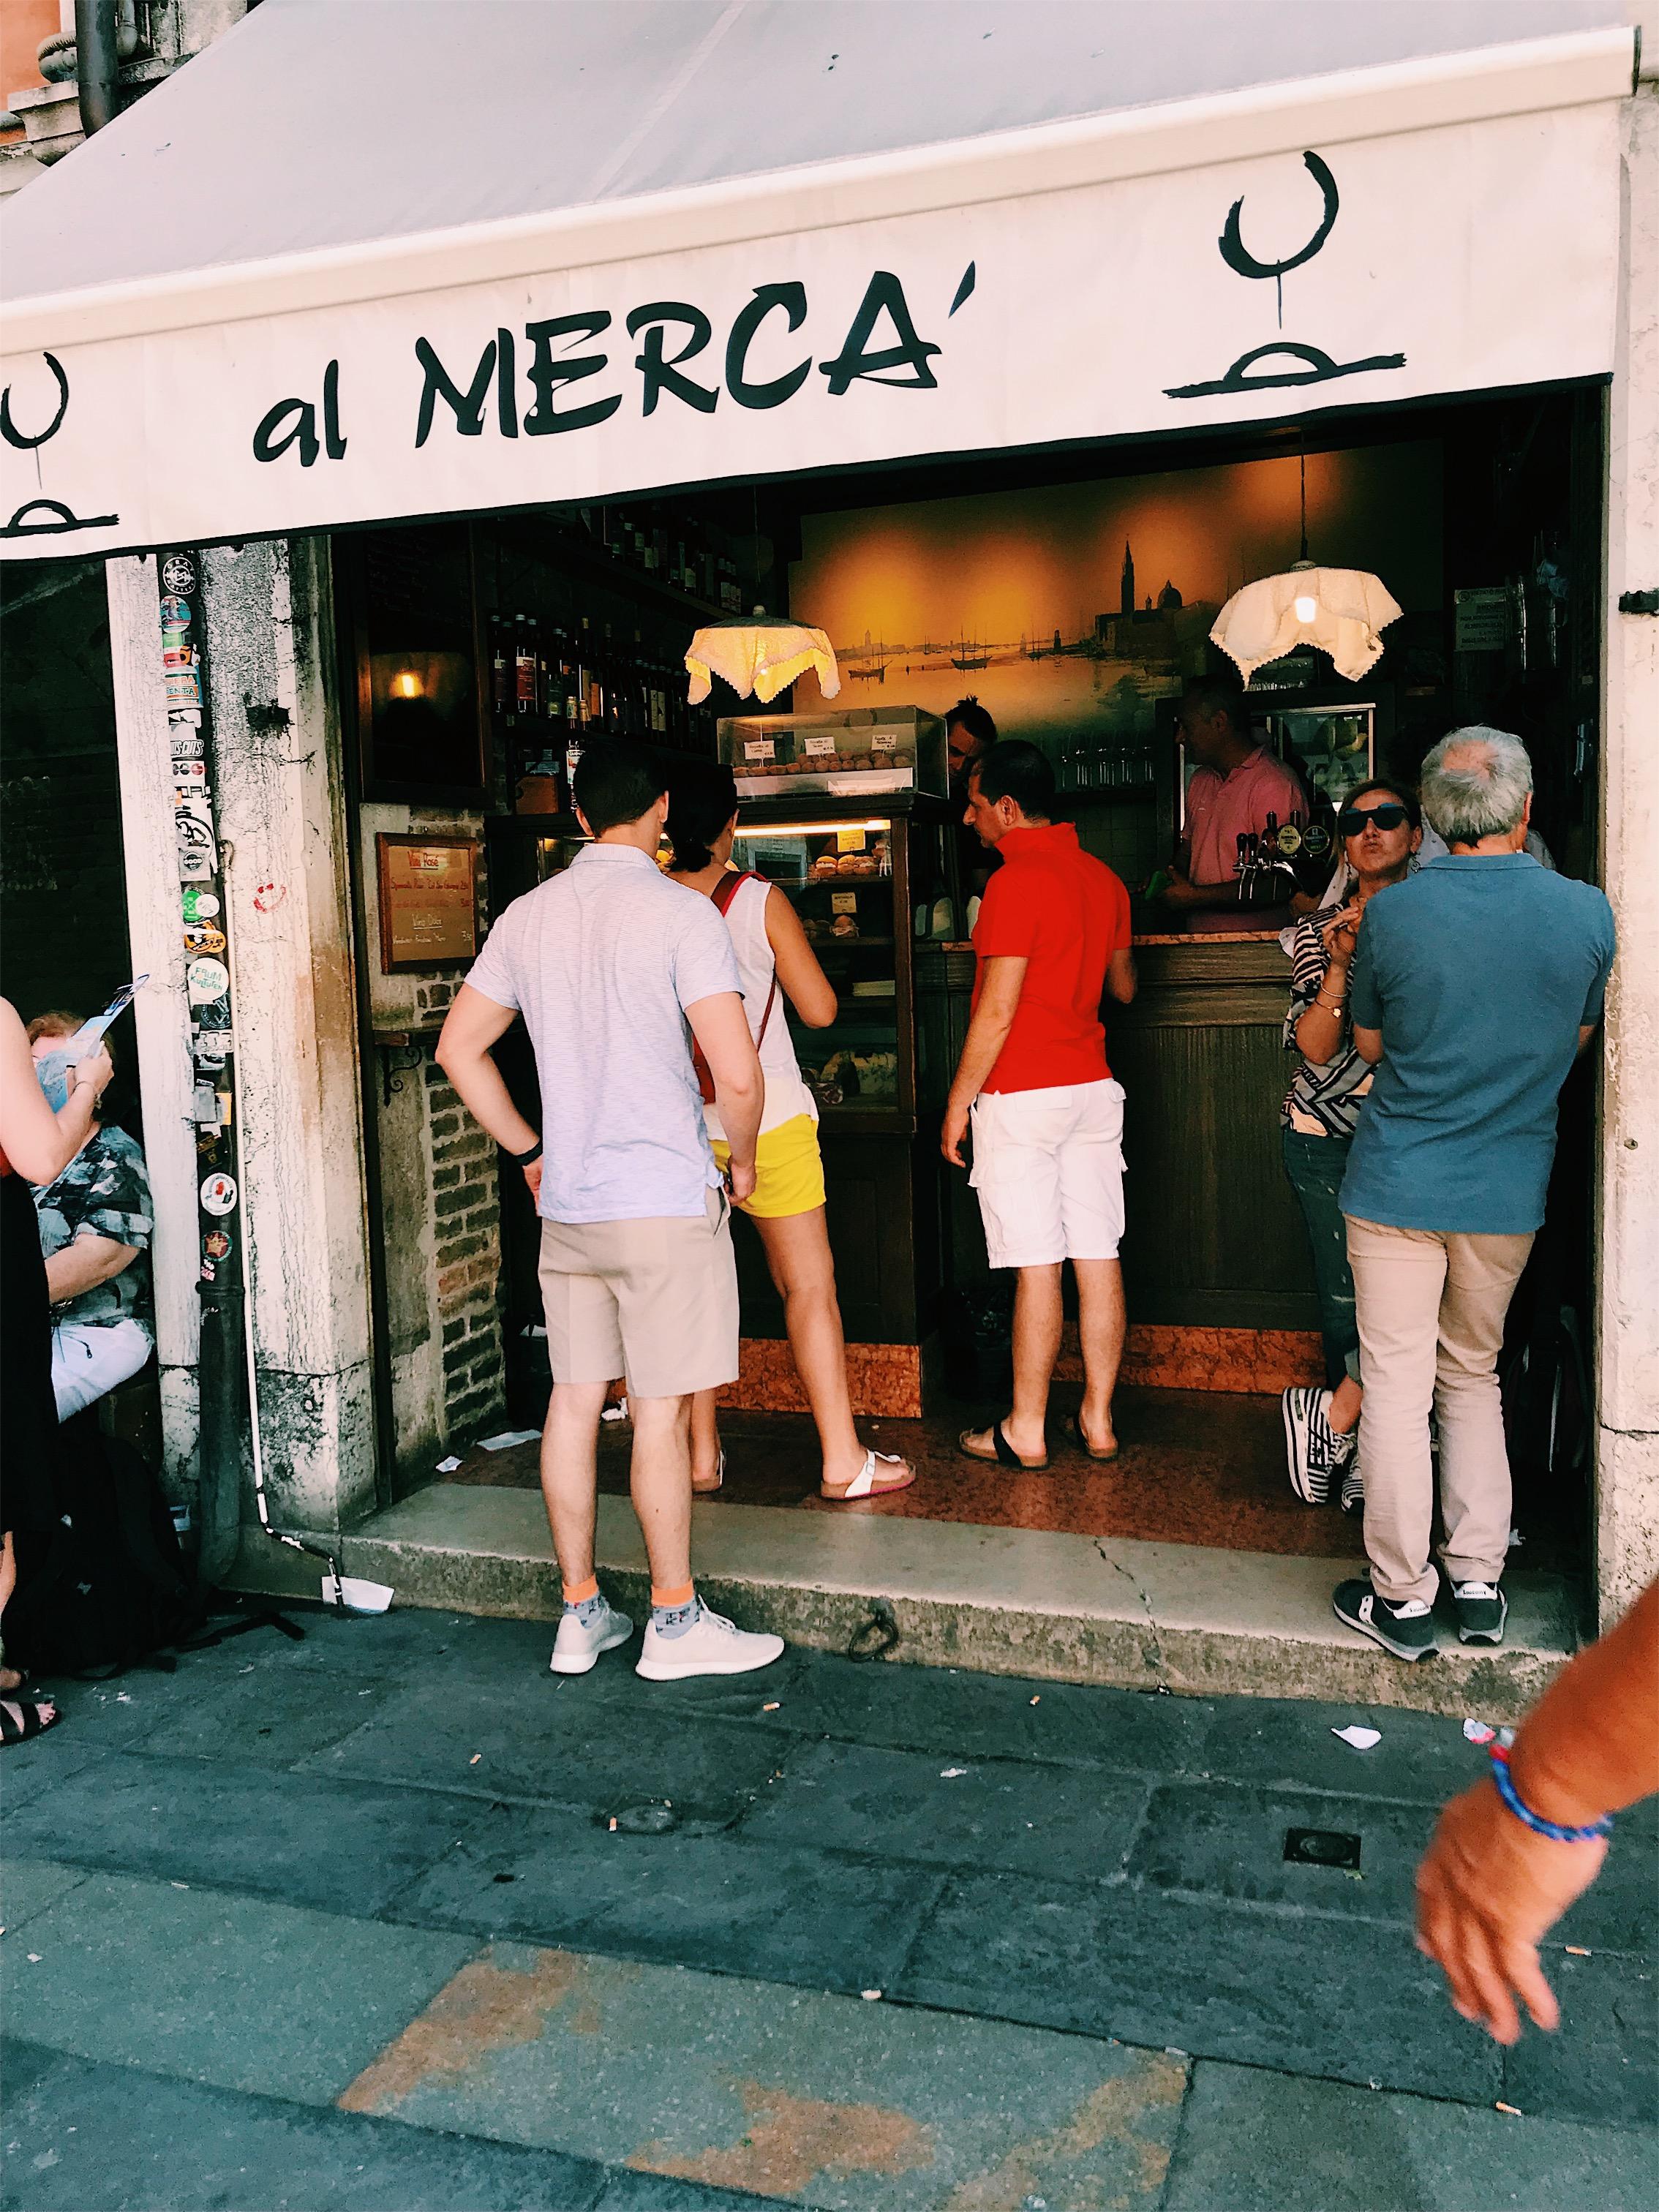 Our favorite bar in the market square past Rialto bridge